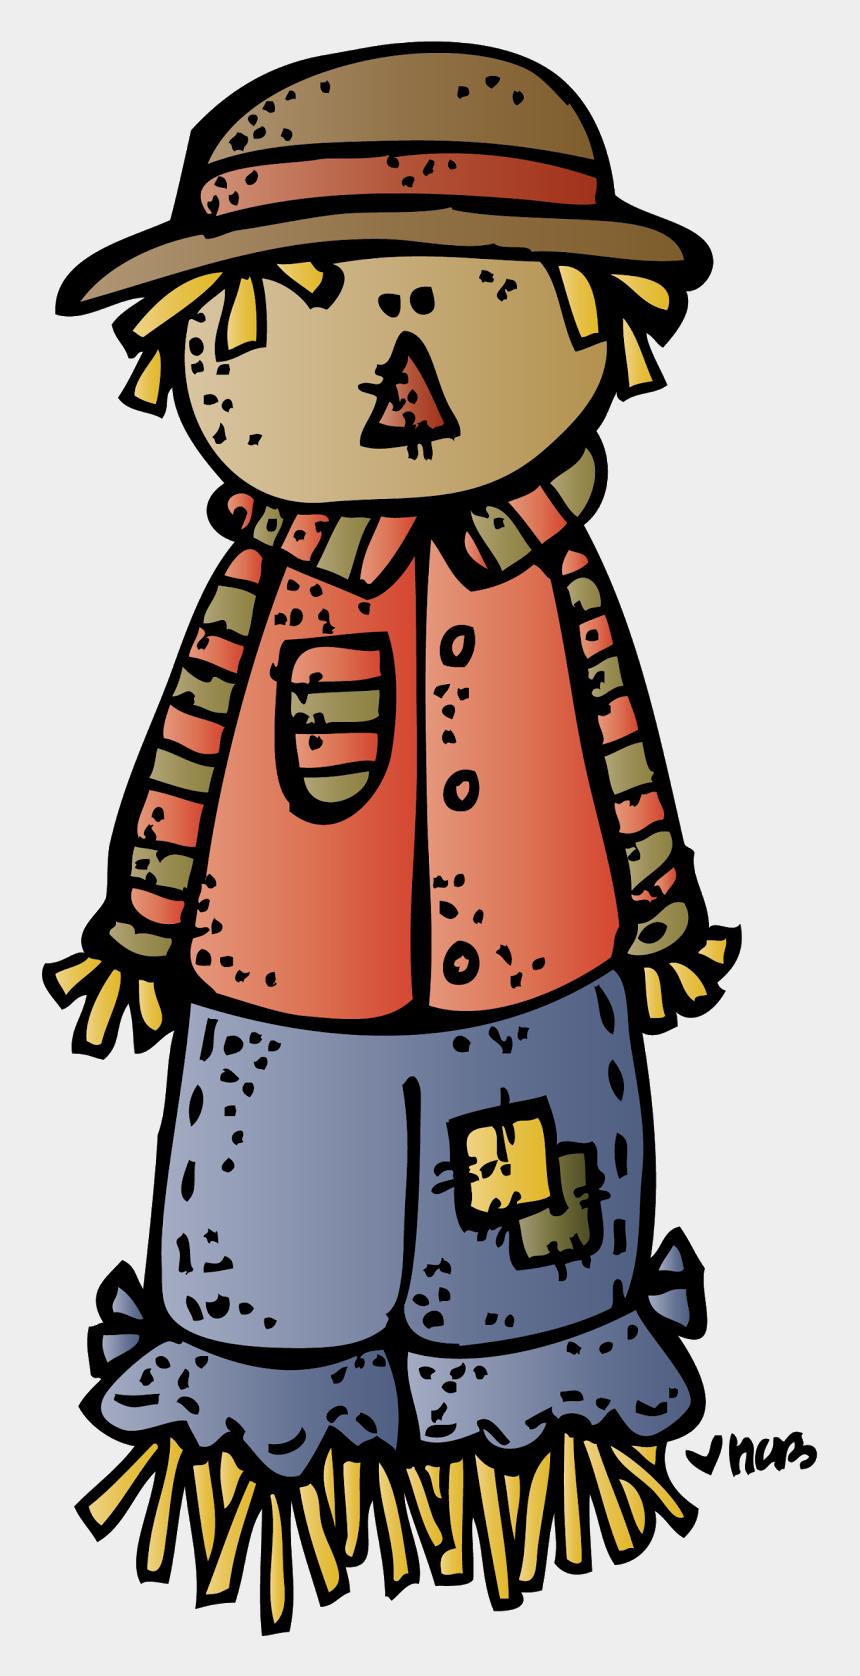 fall clipart, Cartoons - Melonheadz - Google Search - Melonheadz Fall Clipart